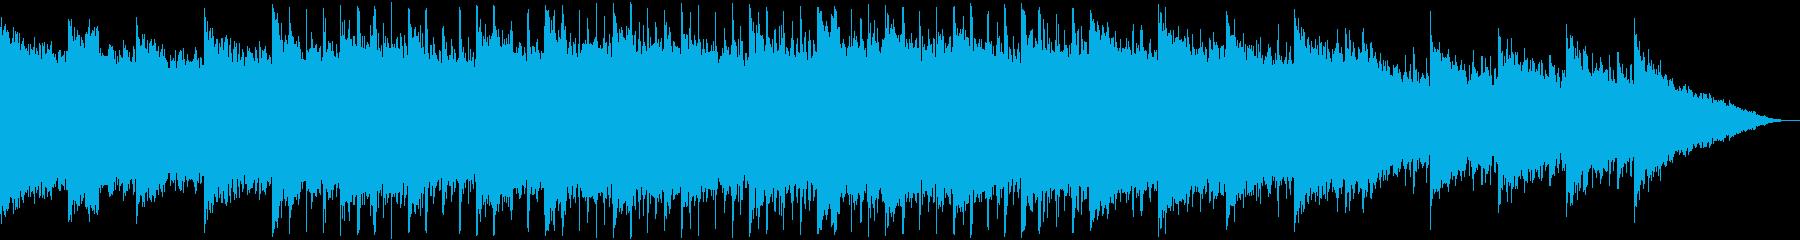 60秒,企業VP,コーポレート,ゆっくりの再生済みの波形